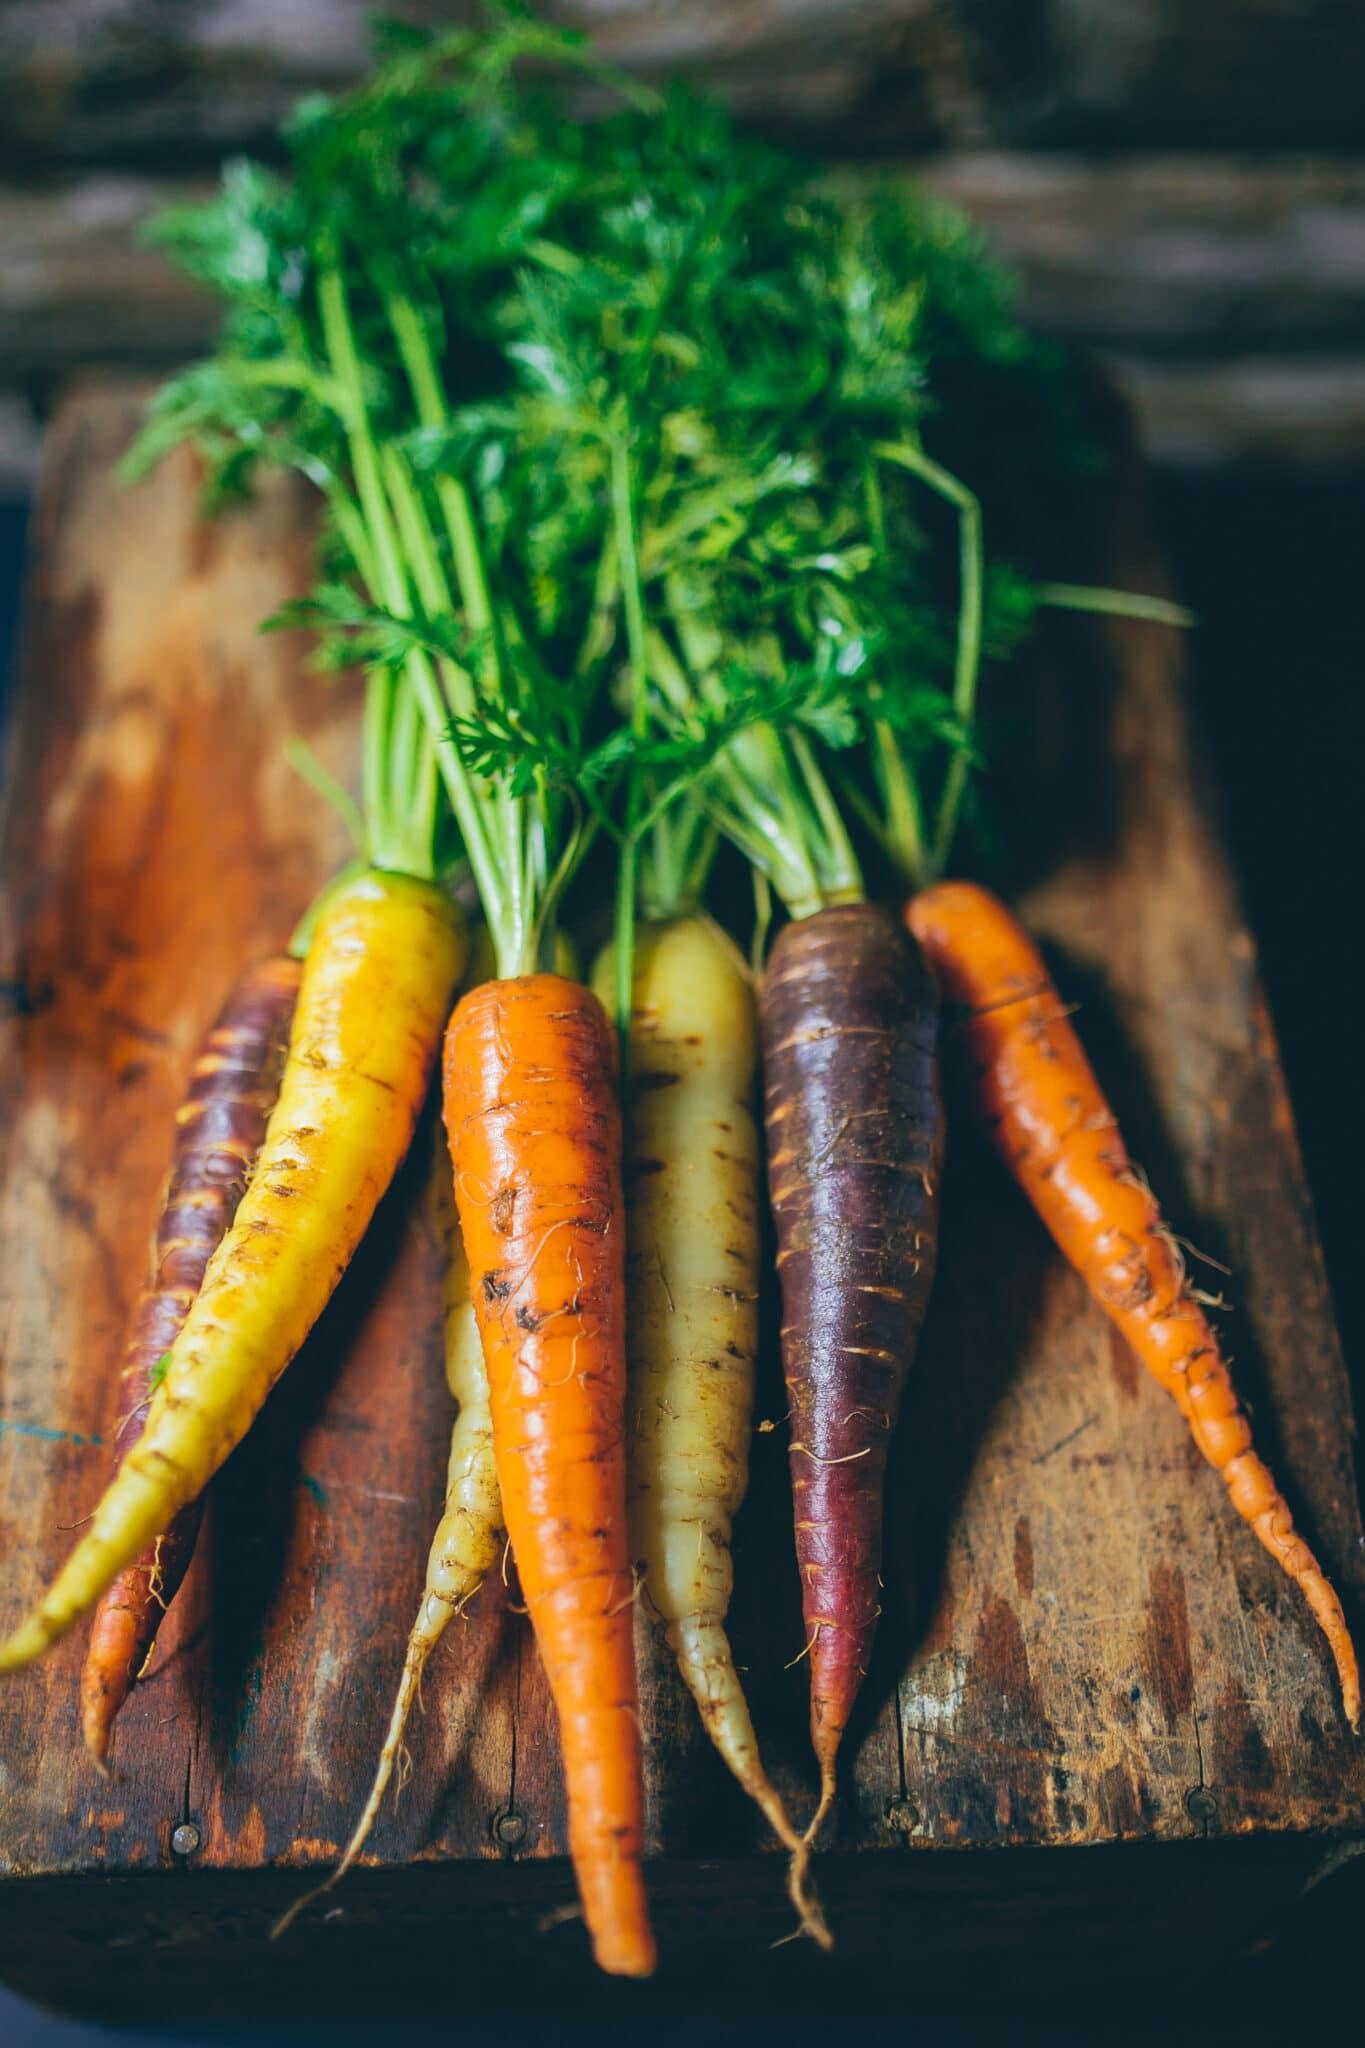 Garden fresh rainbow carrots on a rustic cutting board.